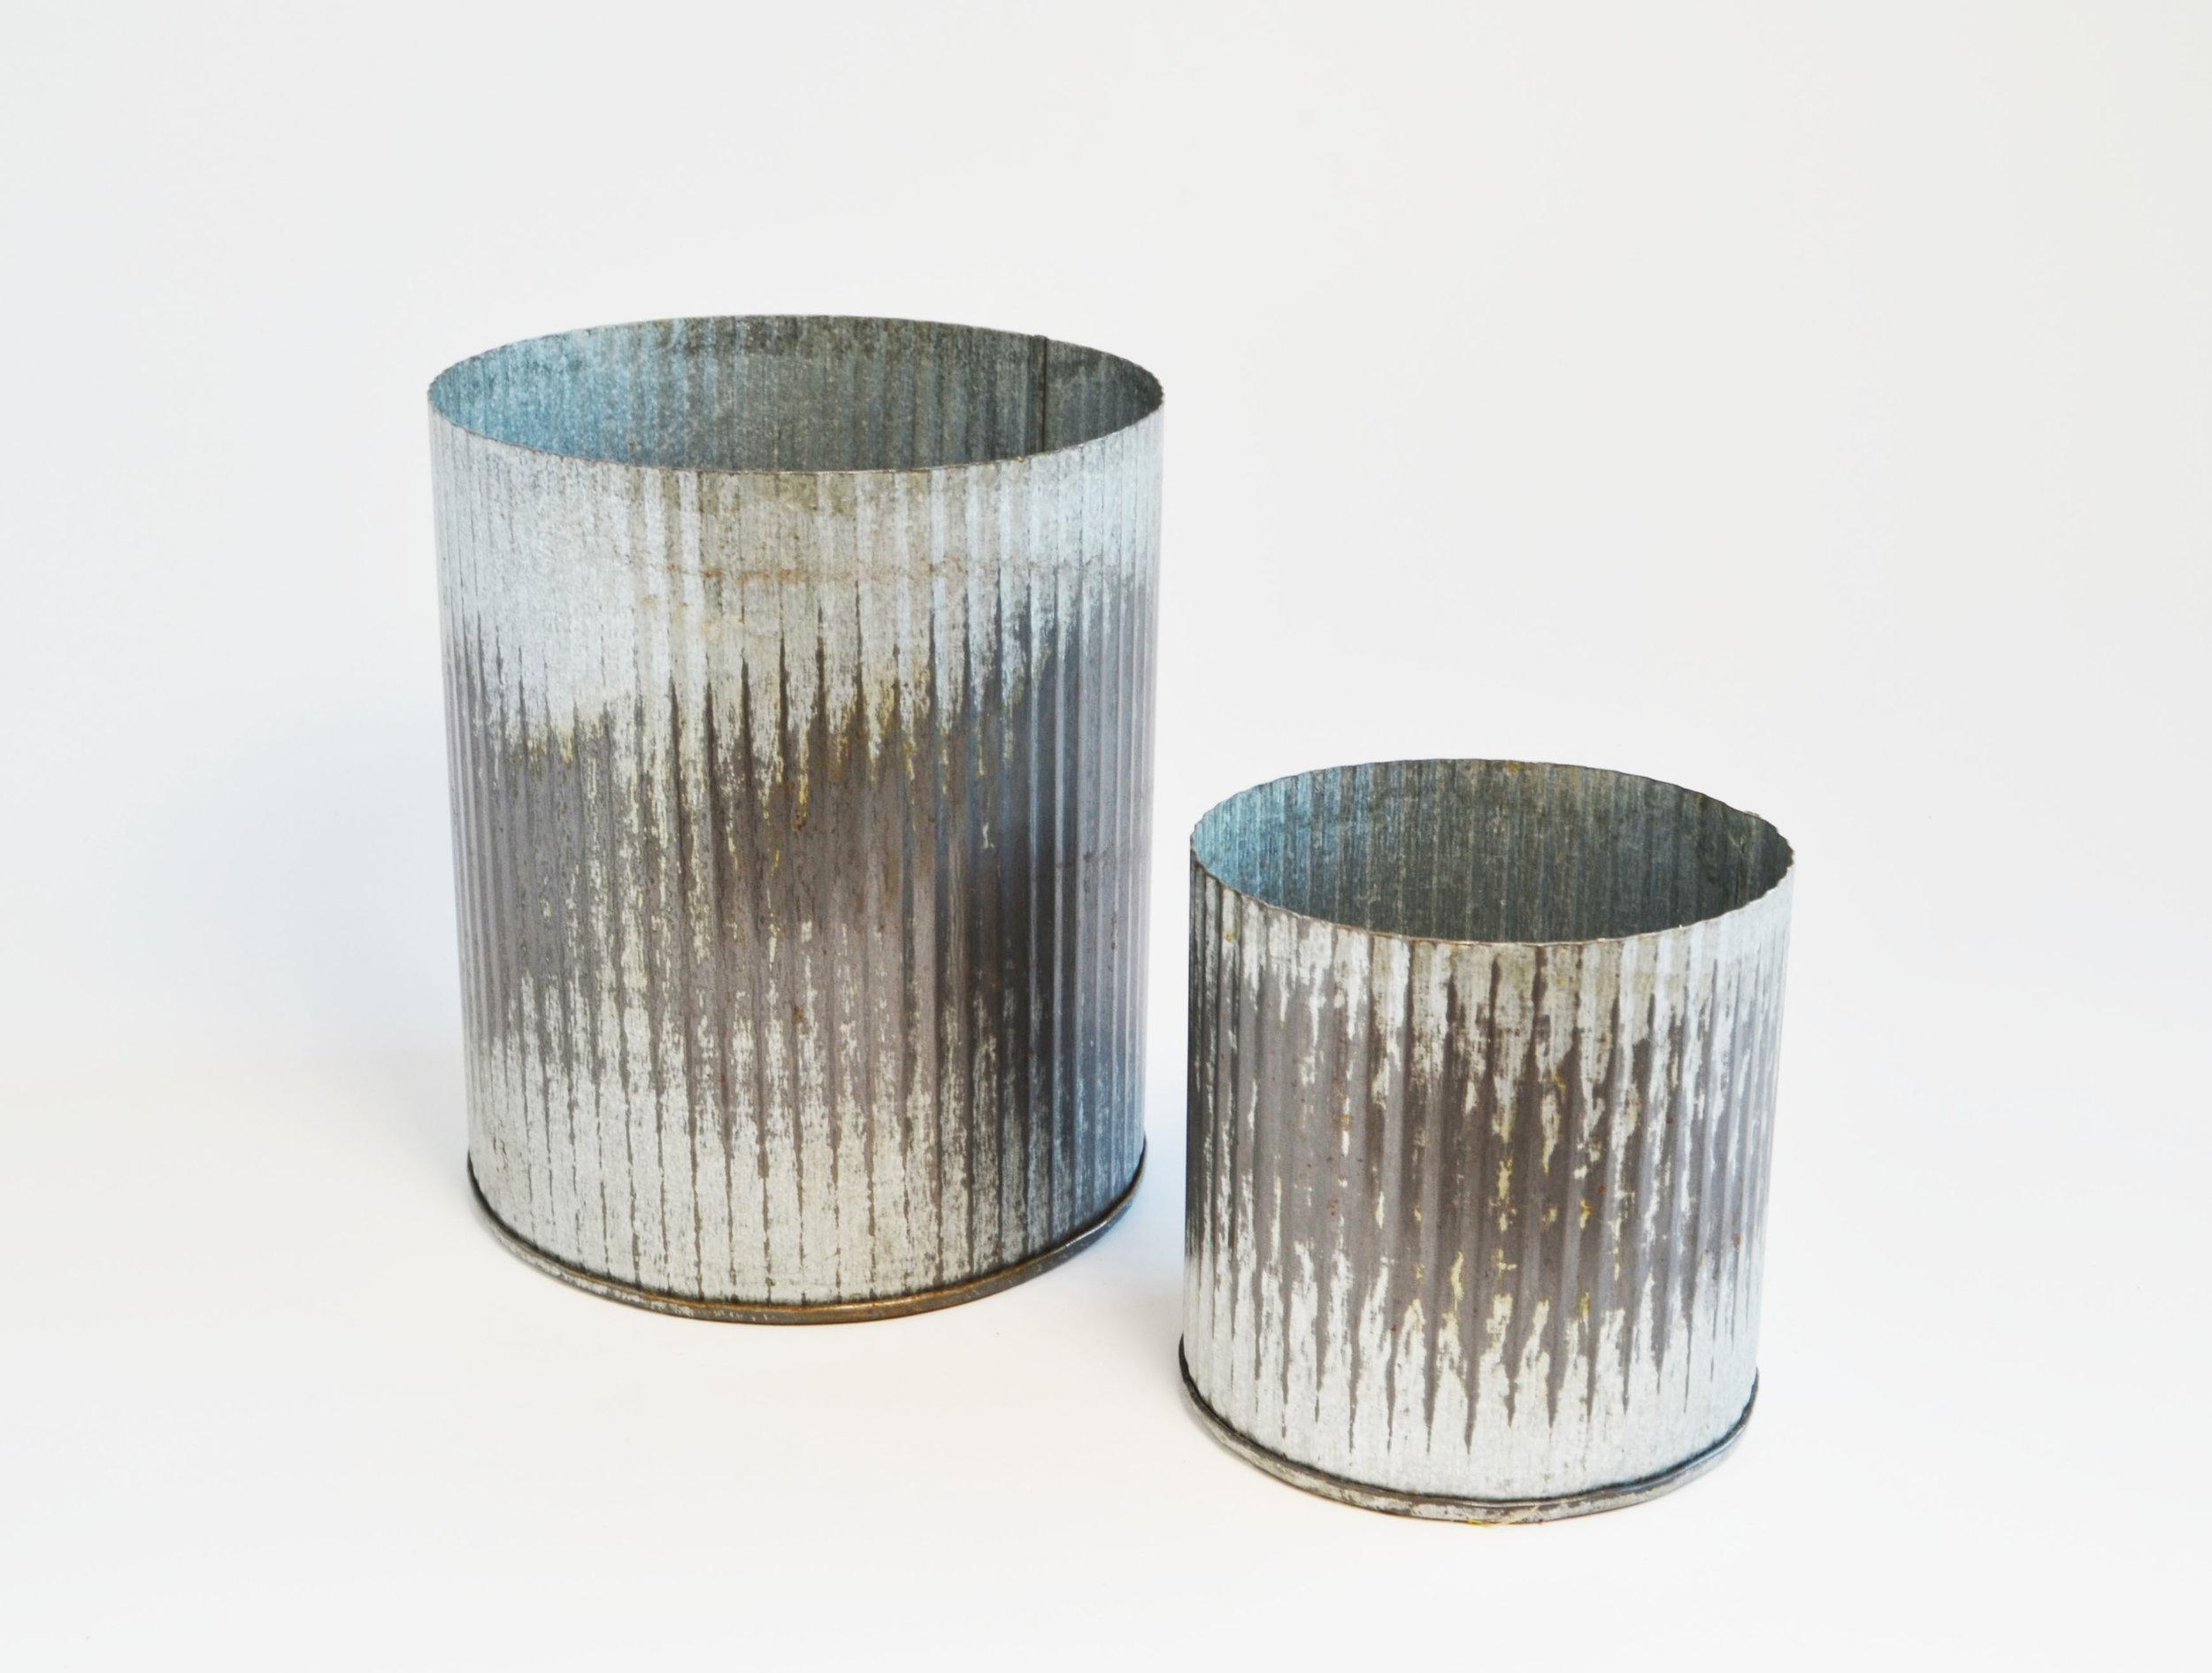 galvanized vase   Quantity: large - 7 small - 11  Price:: $5.50